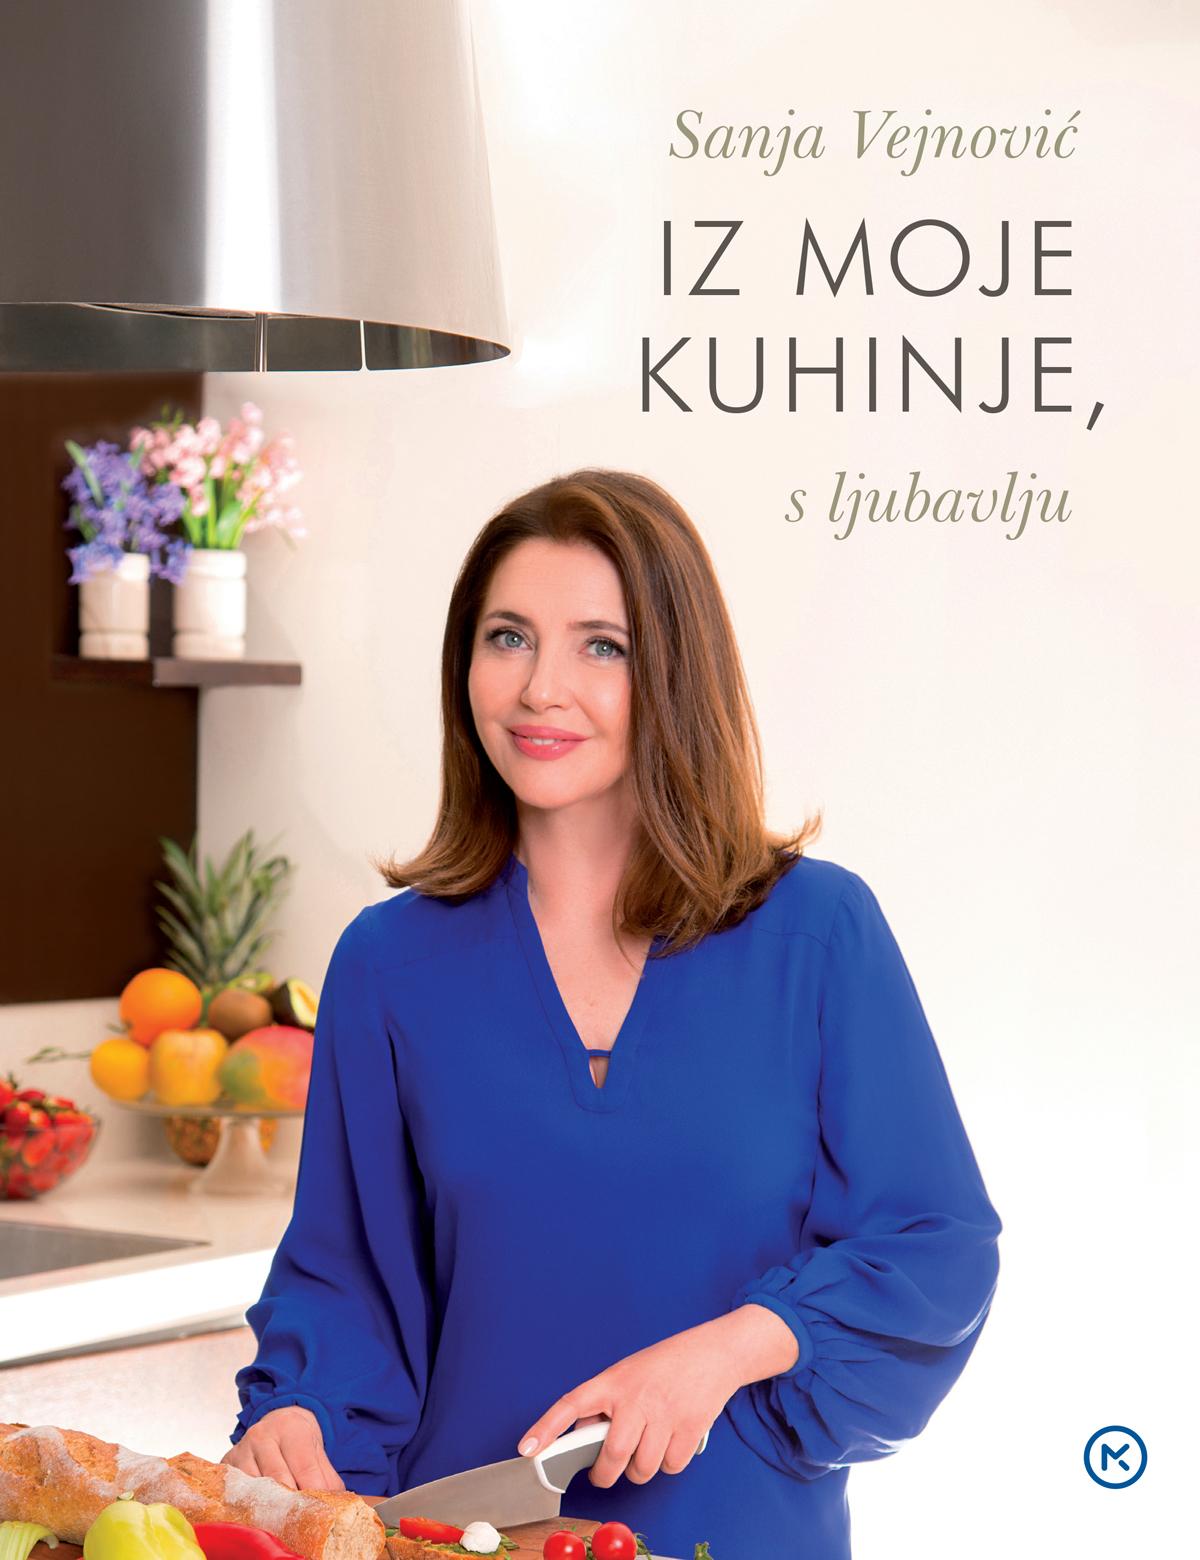 Sanje Vejnović Iz moje kuhinje s ljubavlju